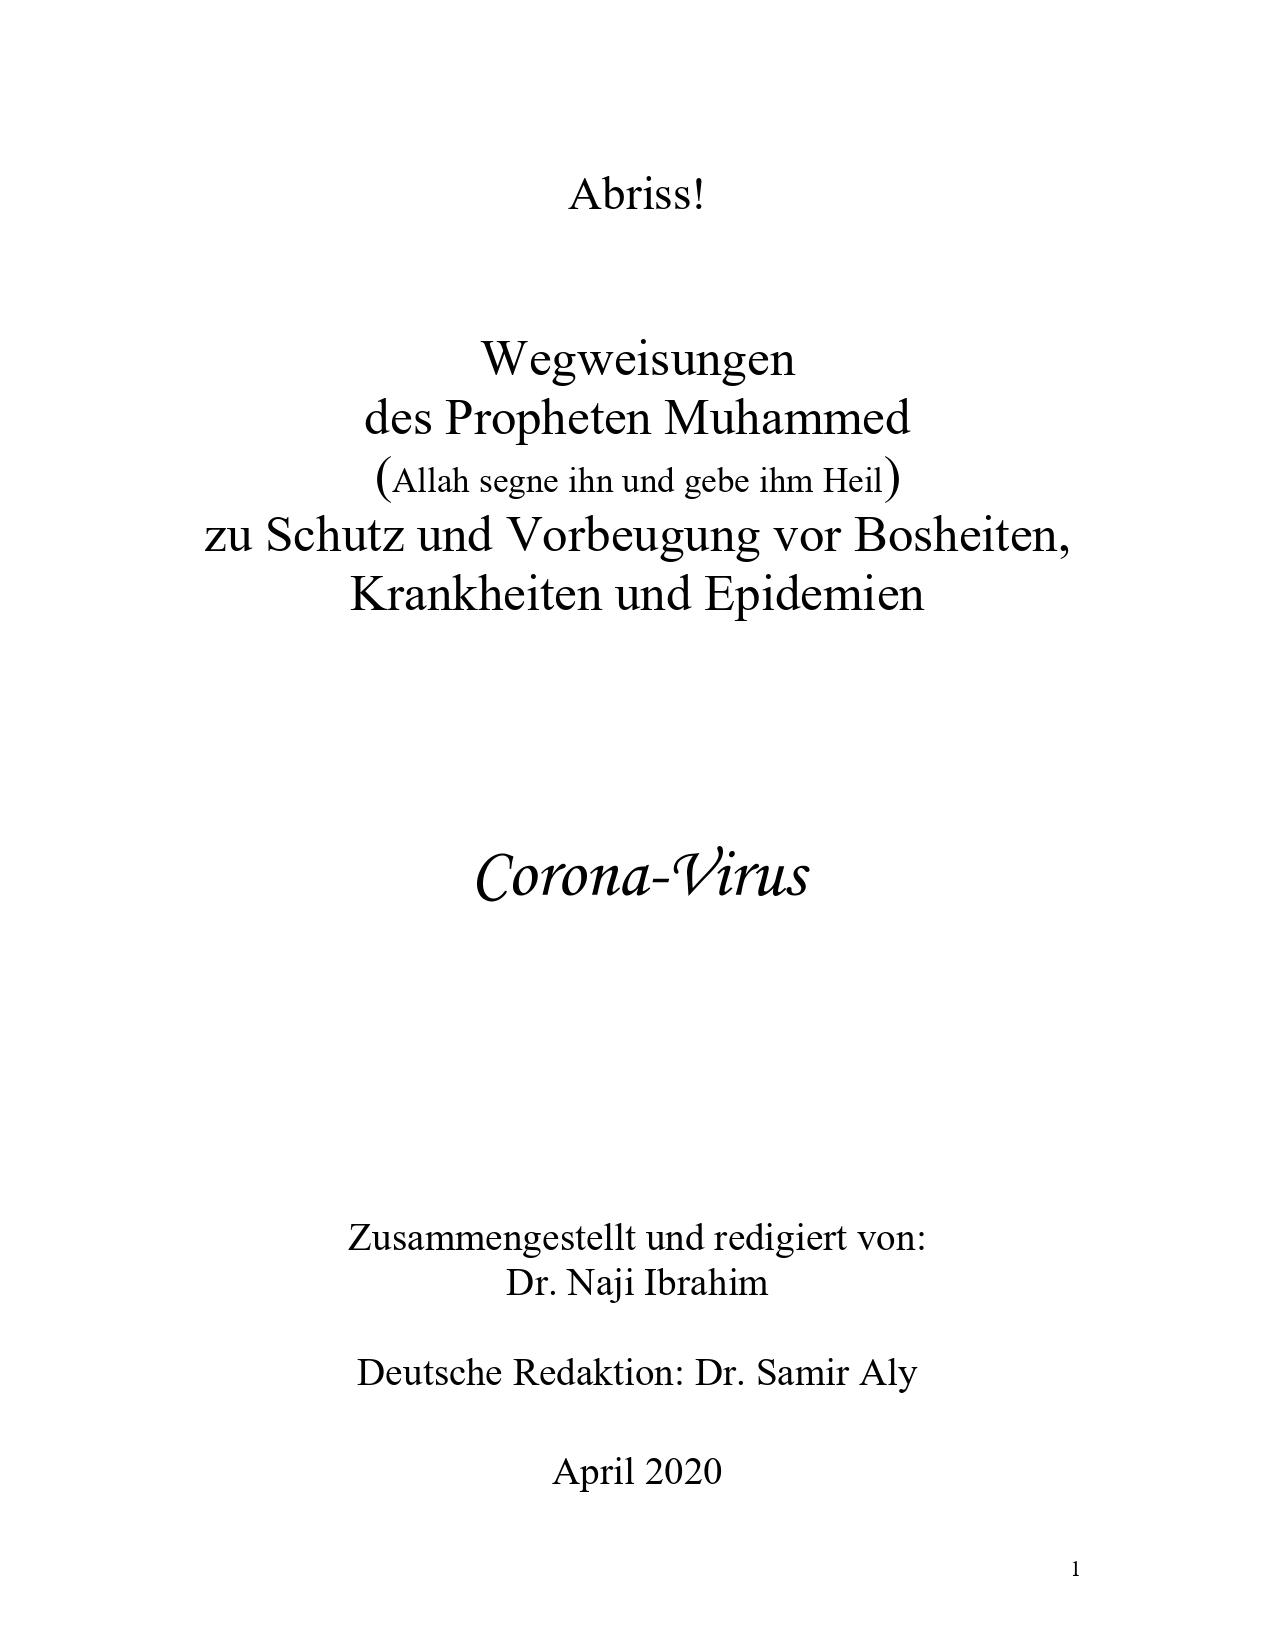 Wegweisungen des Propheten Muhammed zu Schutz und Vorbeugung vor